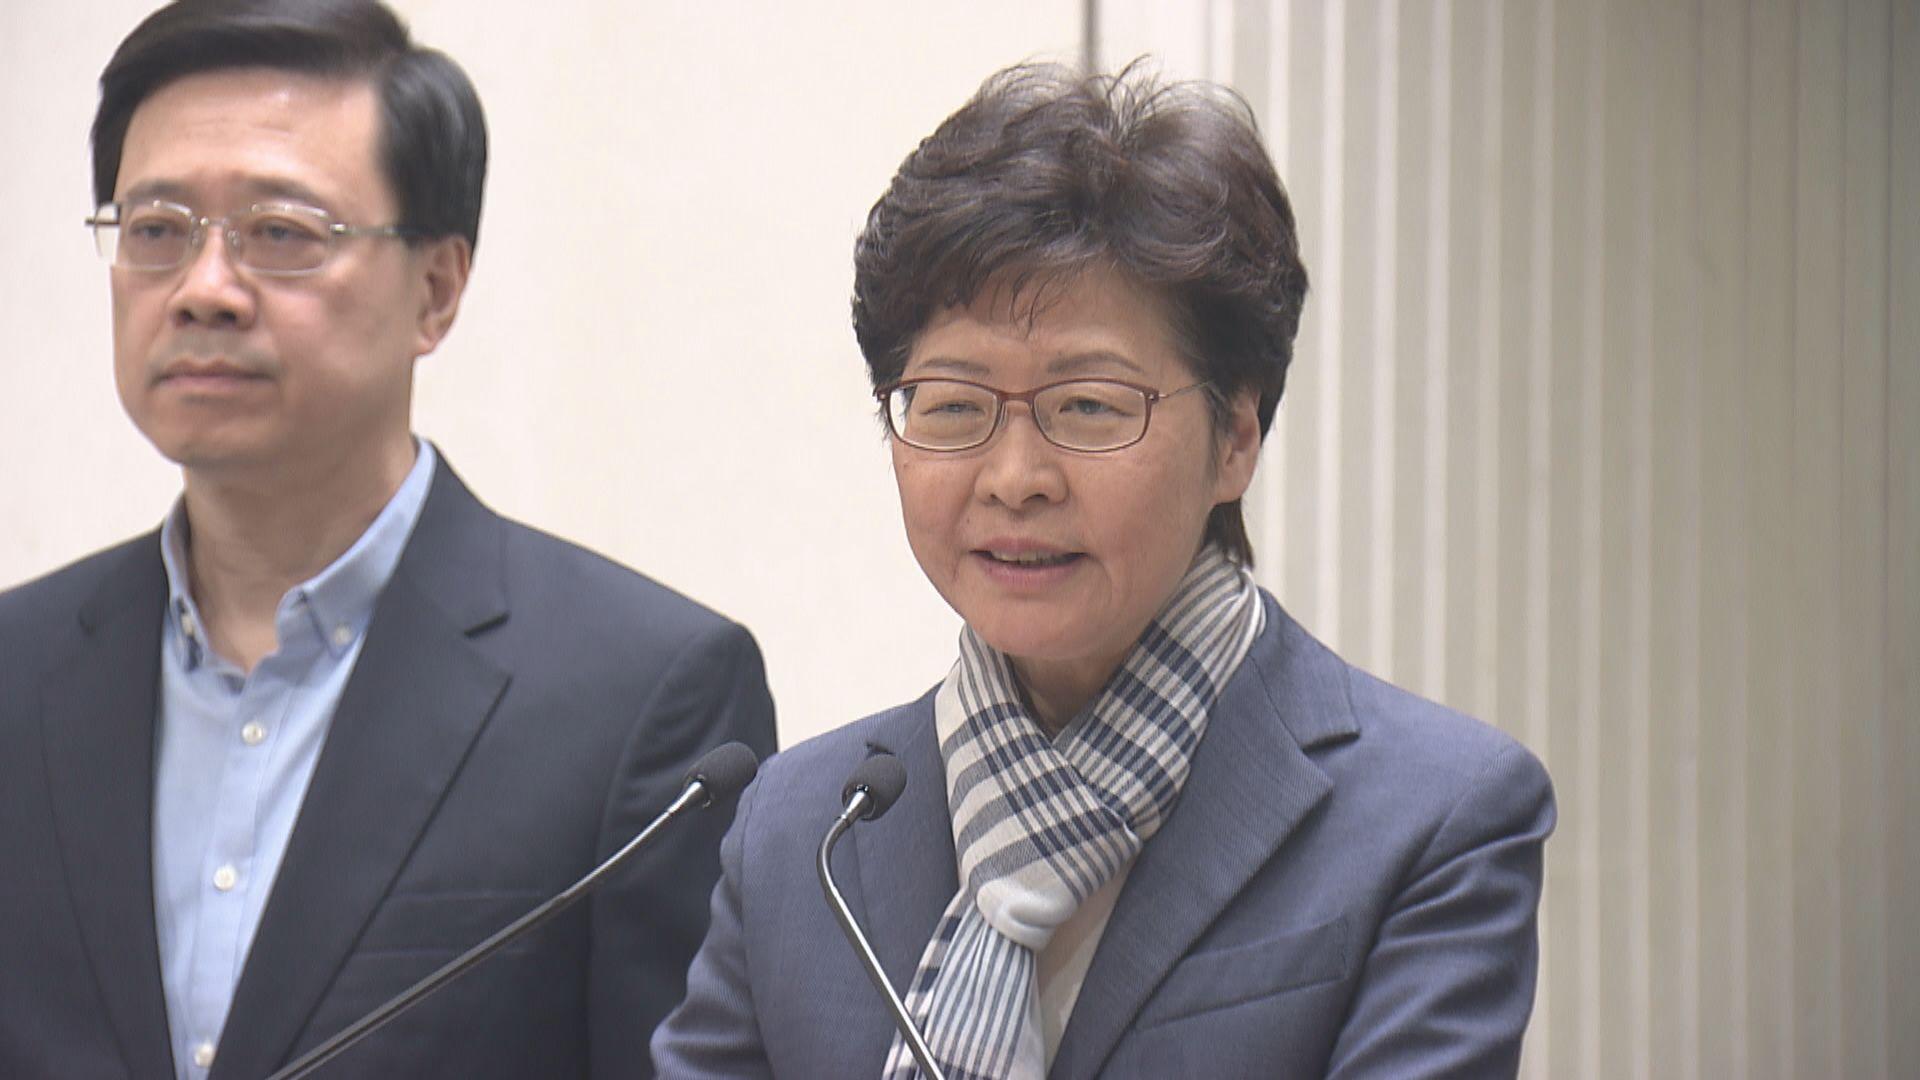 林鄭月娥:政府尊重選舉結果會認真反思